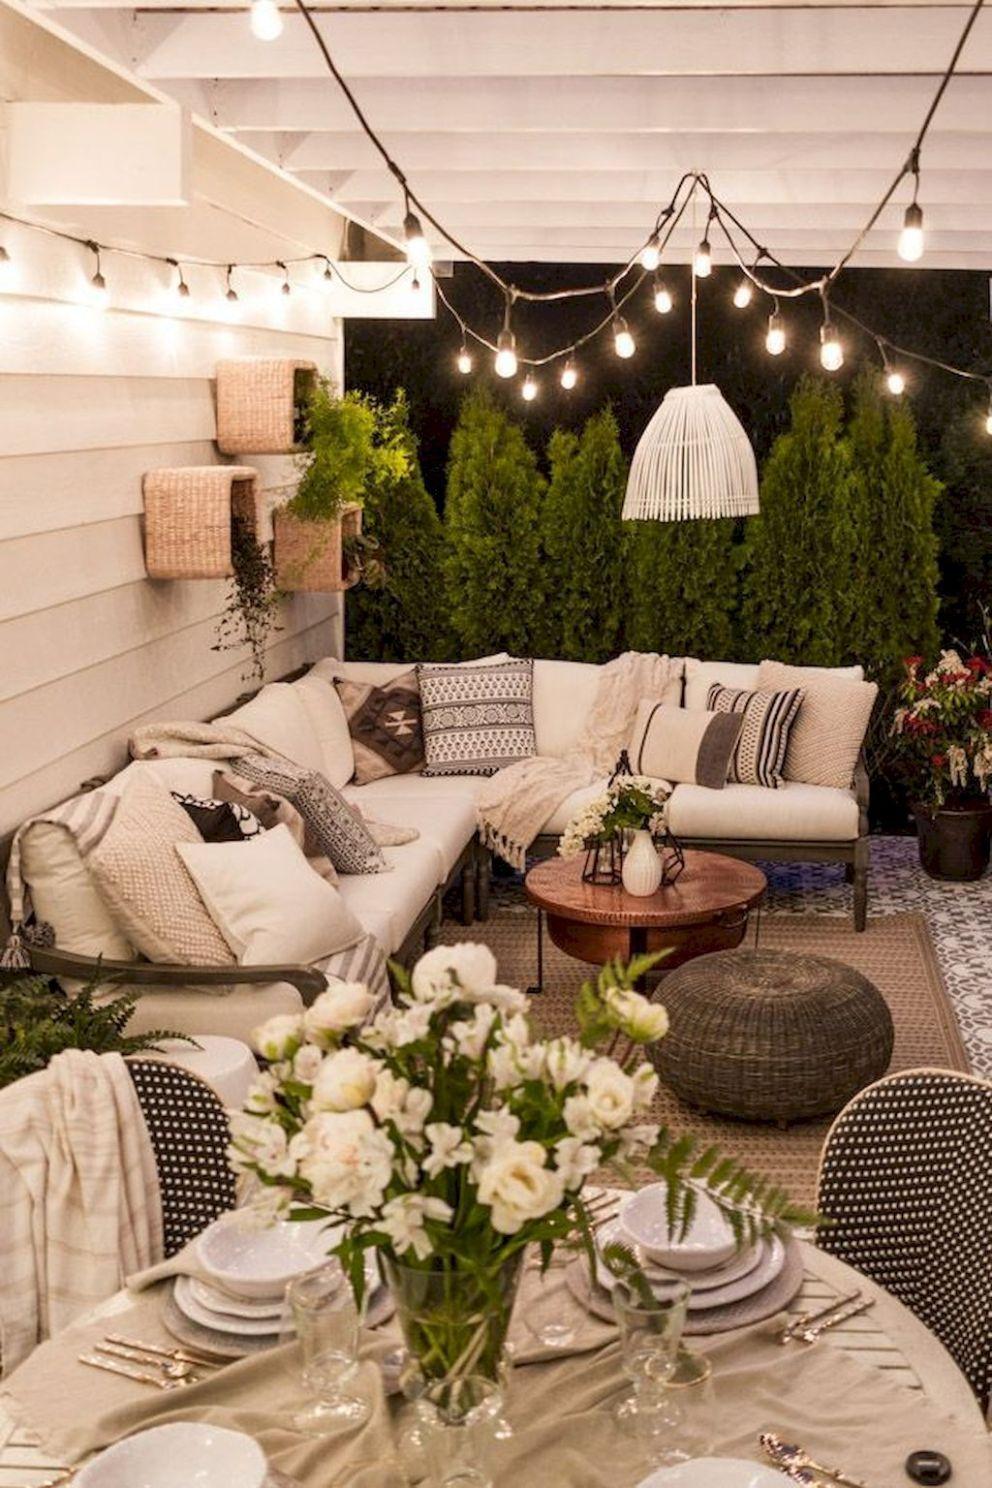 75 Cozy Modern Farmhouse Sunroom Decor Ideas 5b828061049c1 images